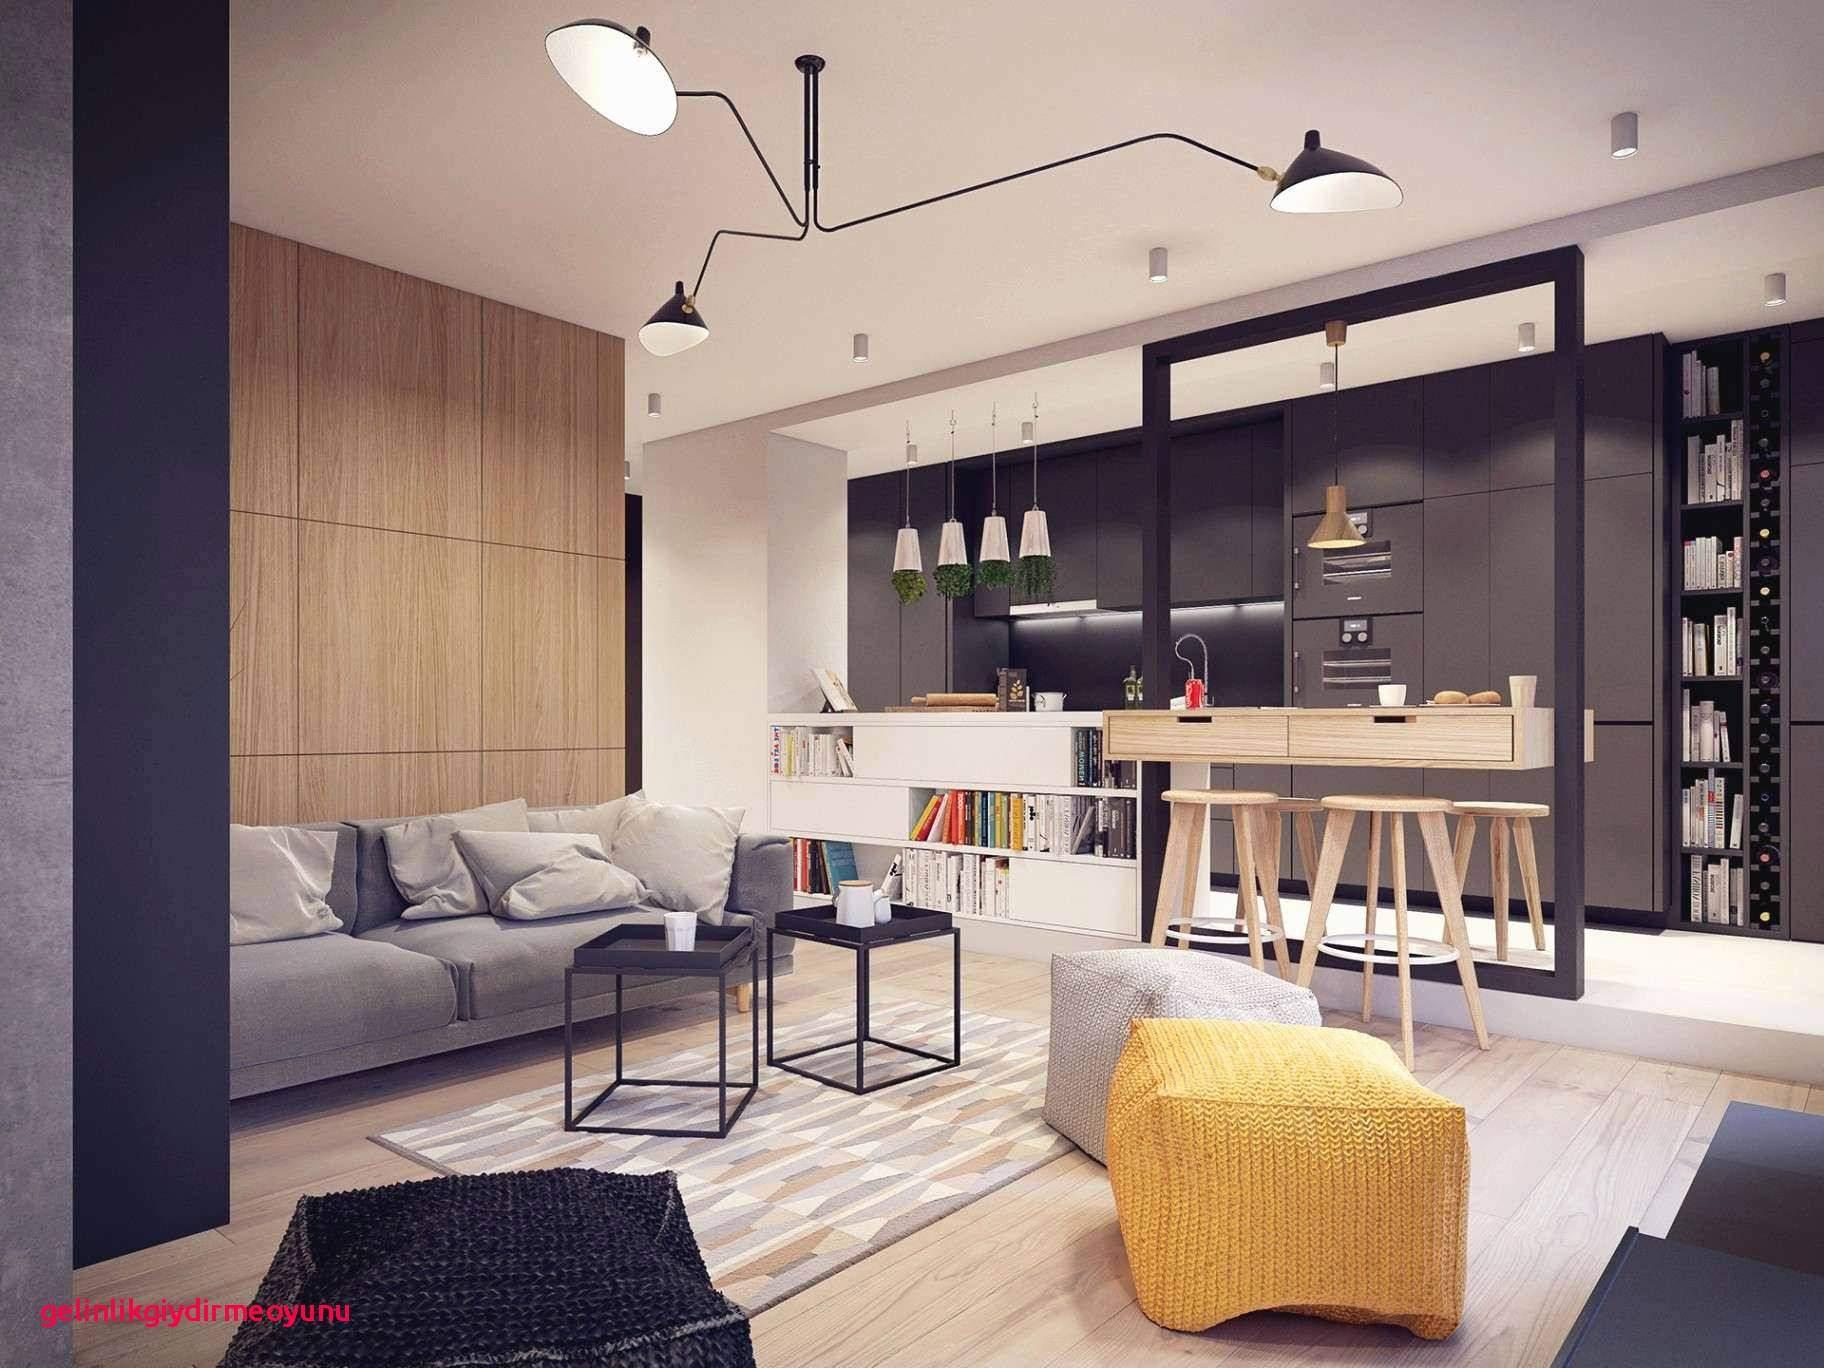 wohnzimmer pflanzen neu dekoration wohnzimmer pflanzen einzigartig of wohnzimmer pflanzen